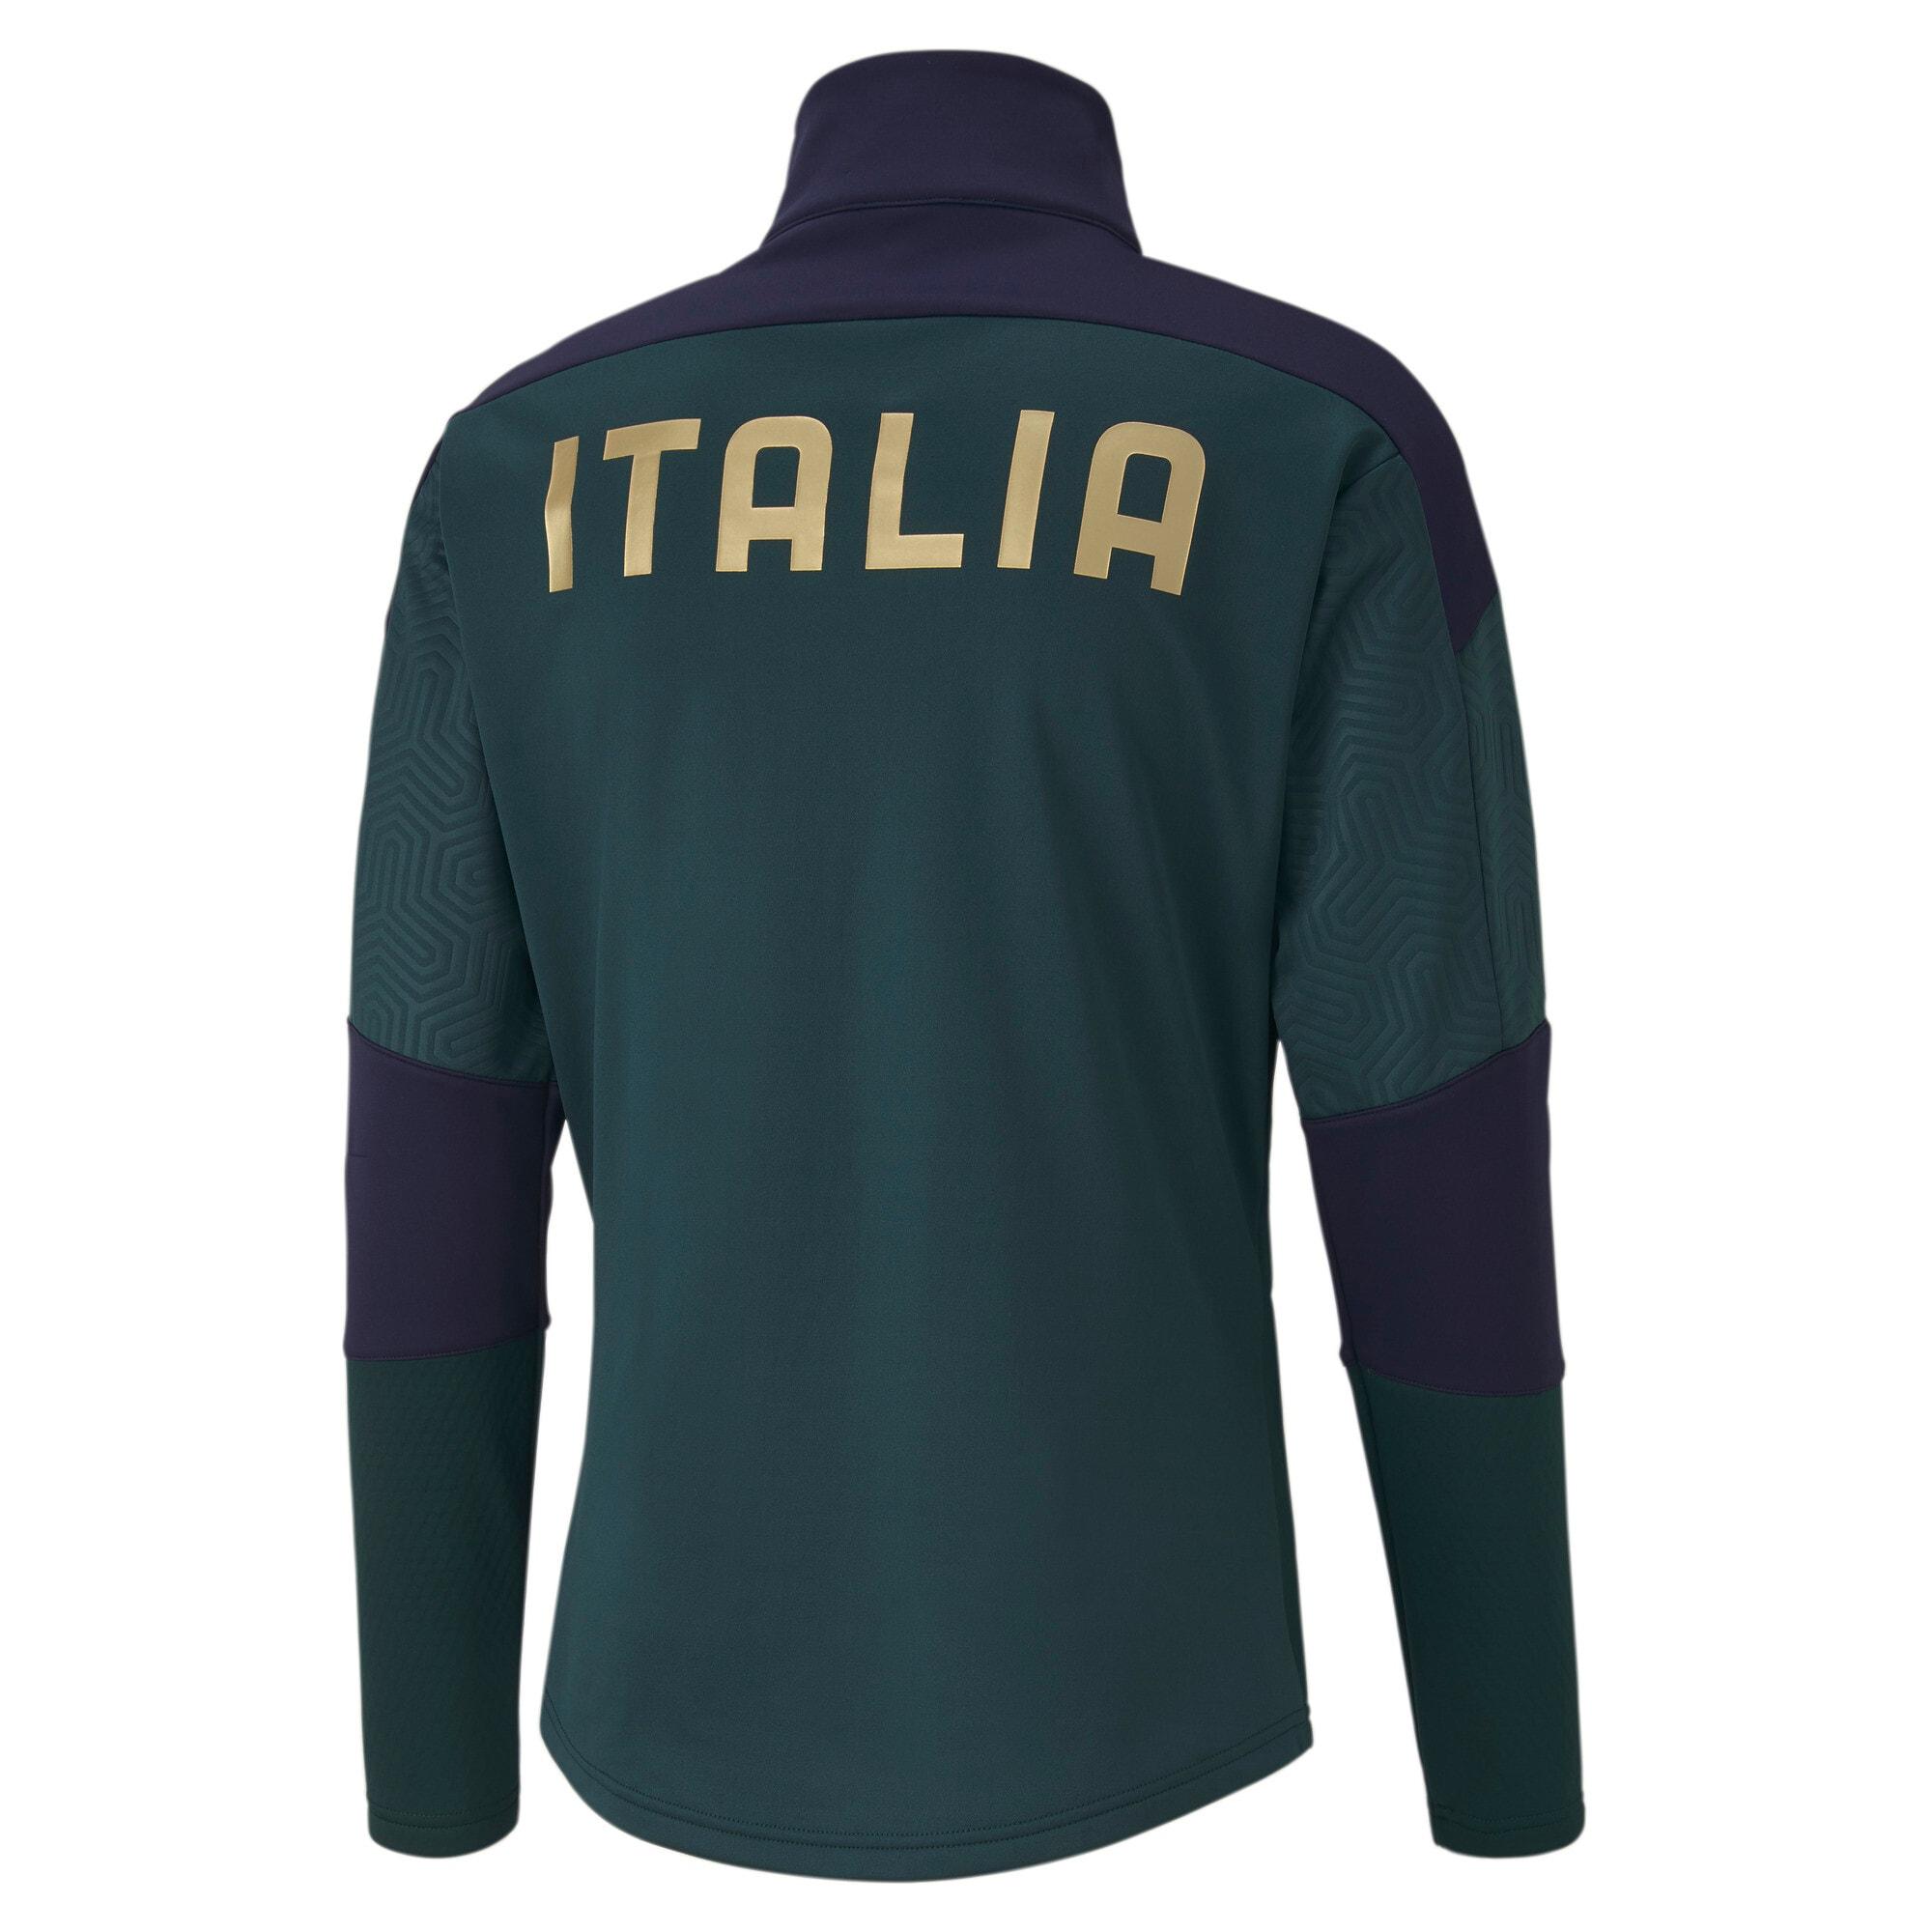 Thumbnail 3 of FIGC イタリア トレーニング フリース, Ponderosa Pine-Peacoat, medium-JPN